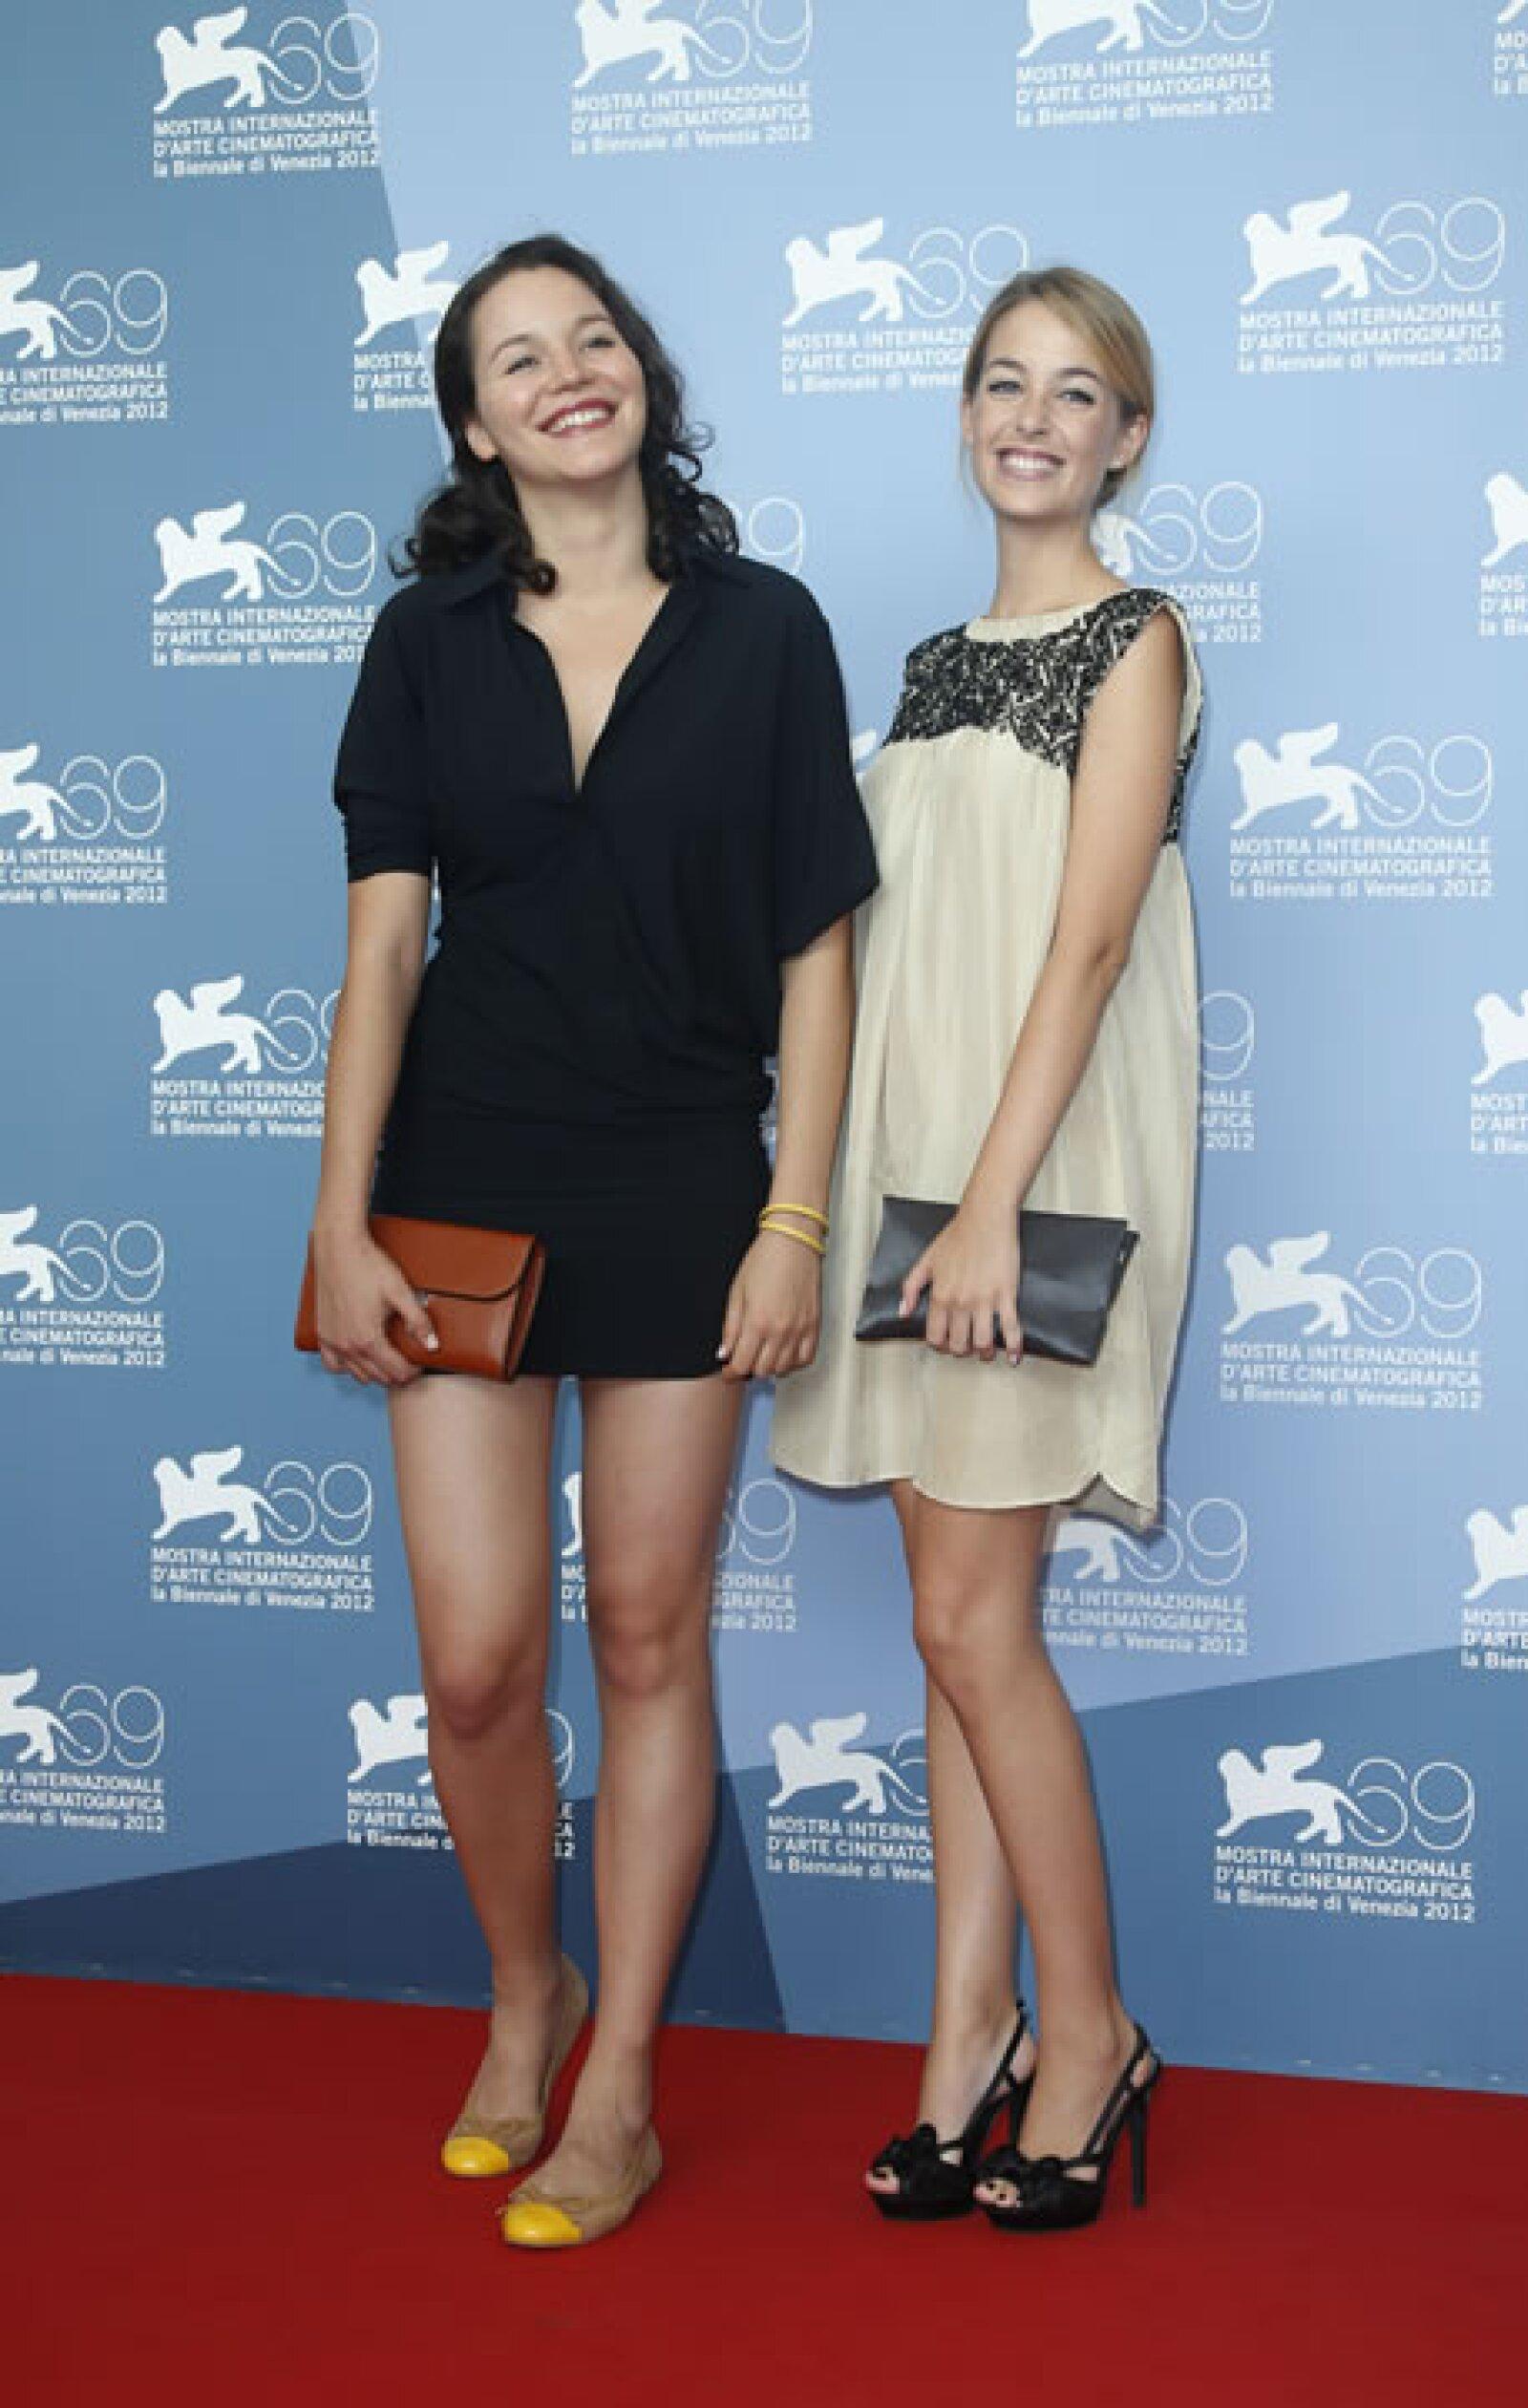 Las actrices Joana de Verona y Victoria Guerra.